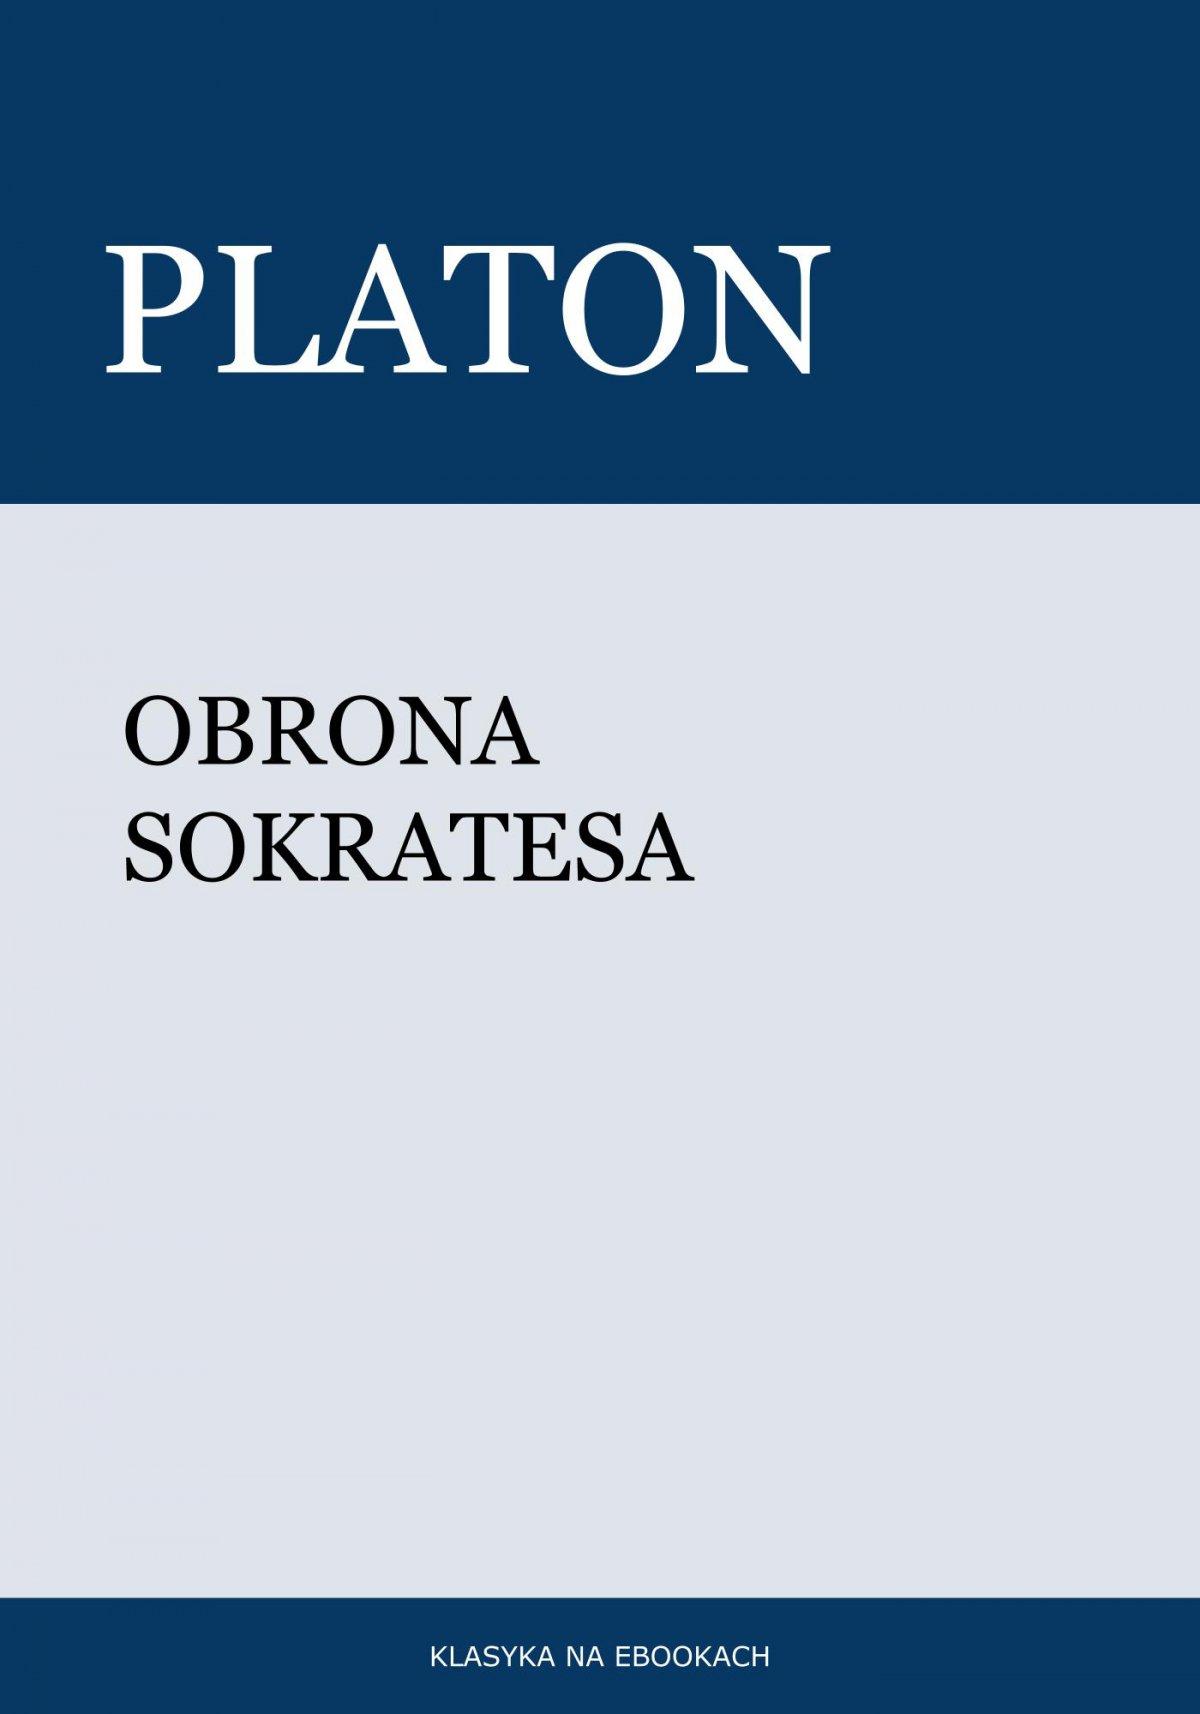 Obrona Sokratesa - Ebook (Książka EPUB) do pobrania w formacie EPUB